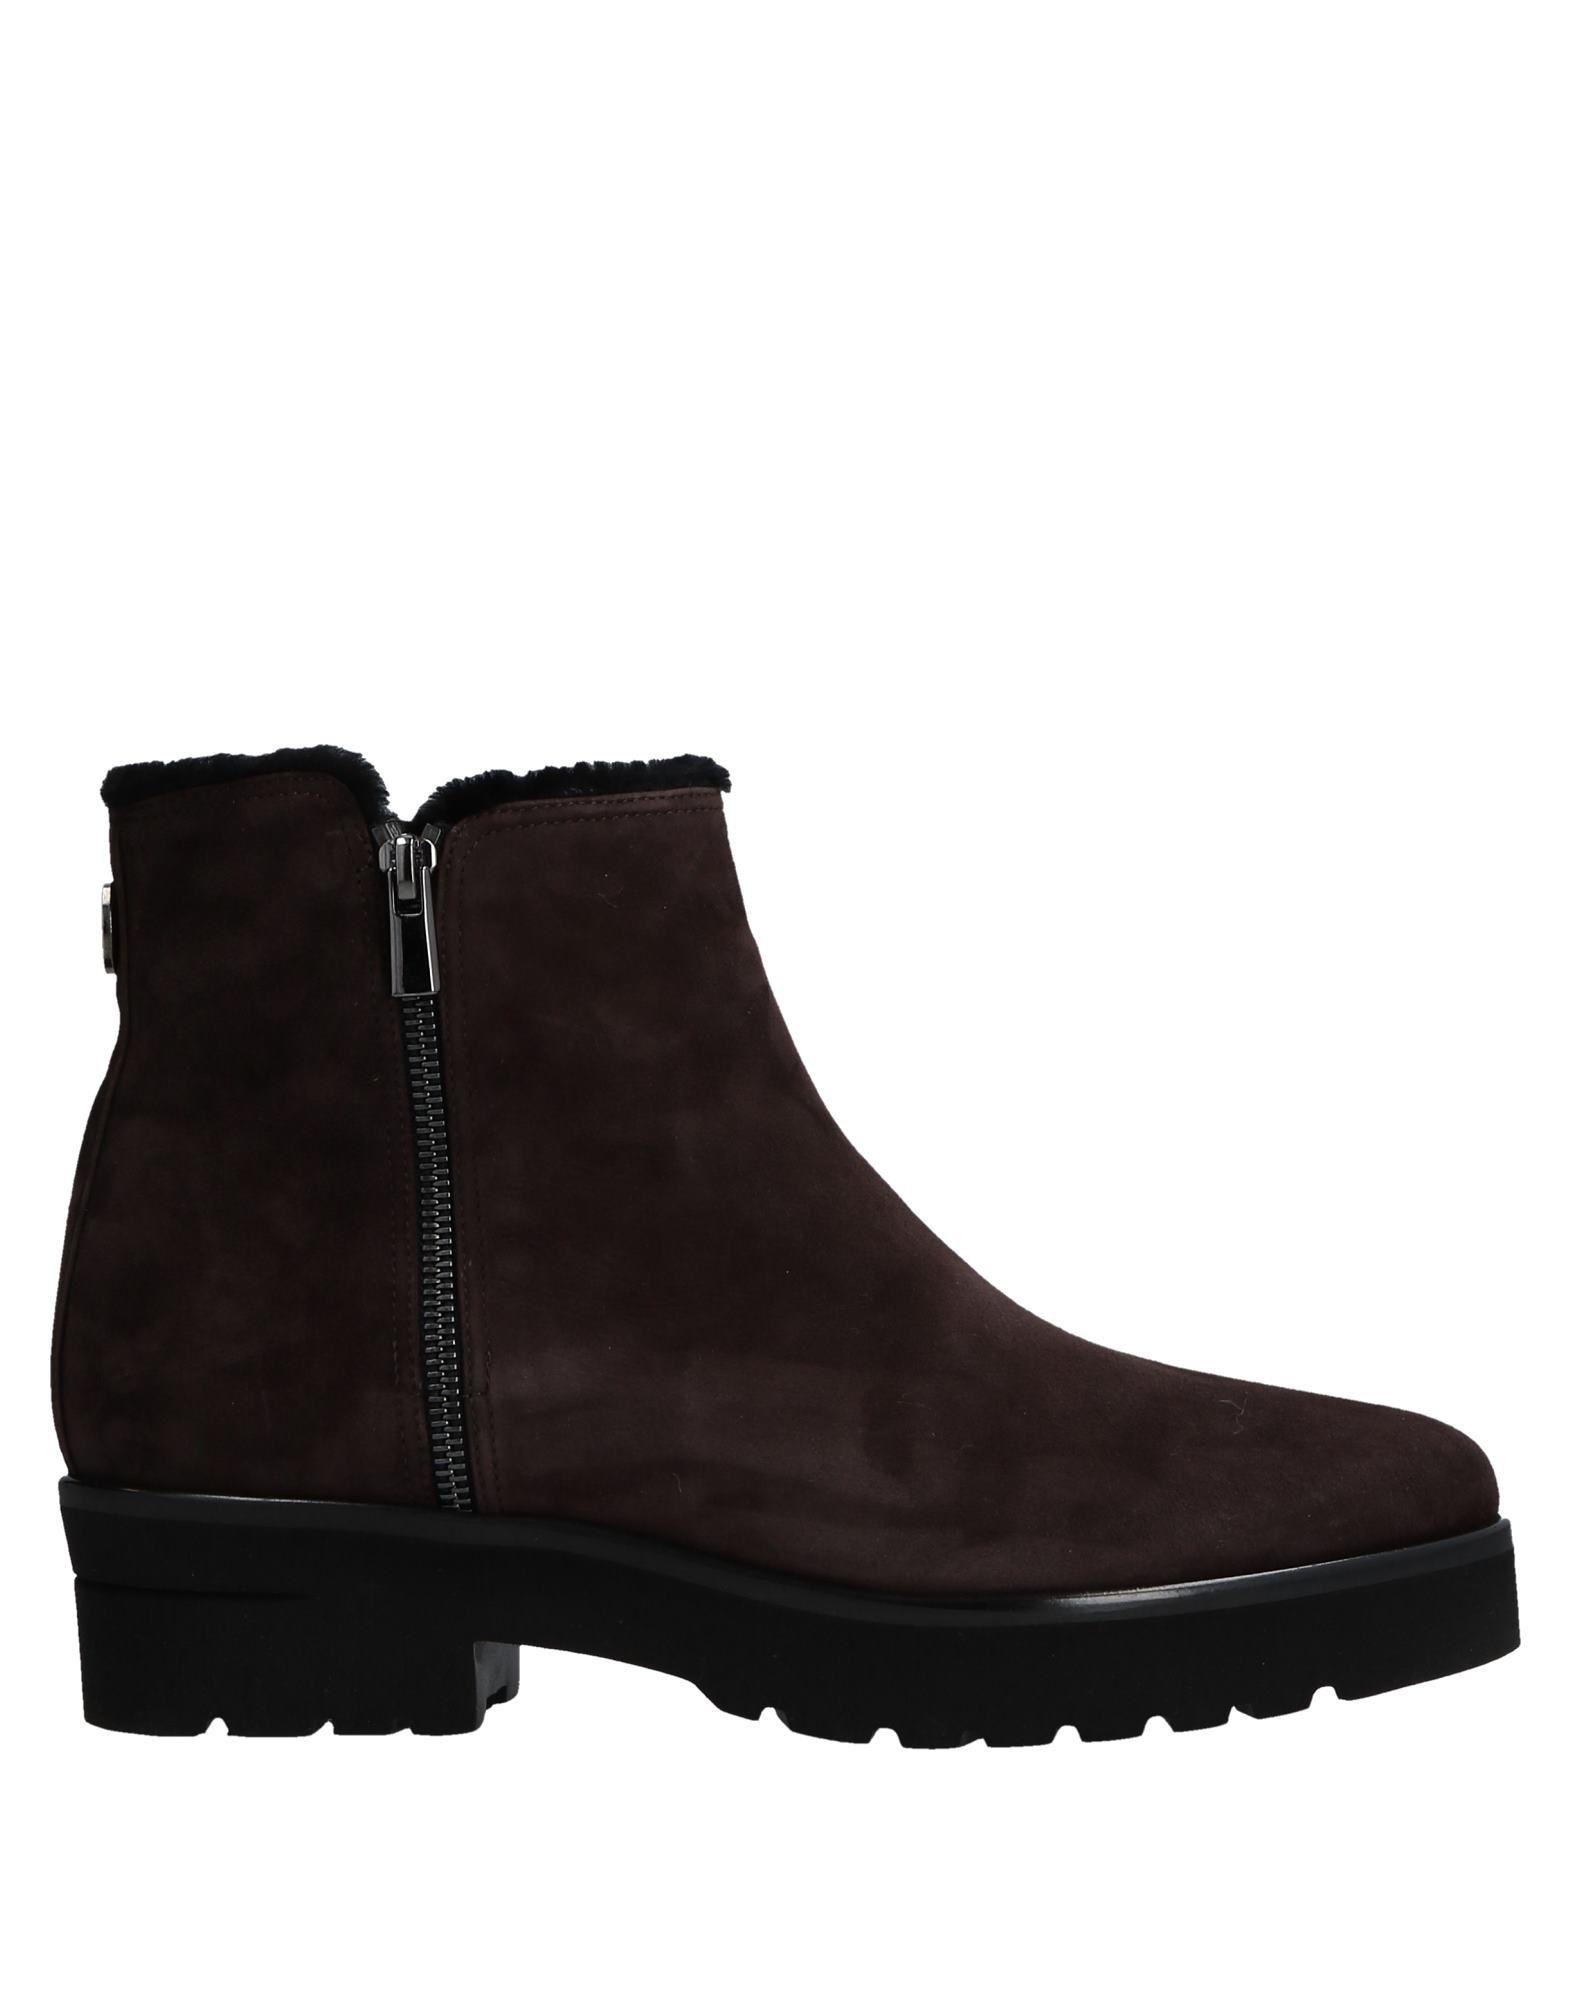 Pas De Rouge Stiefelette Damen  11532533JMGut aussehende strapazierfähige Schuhe